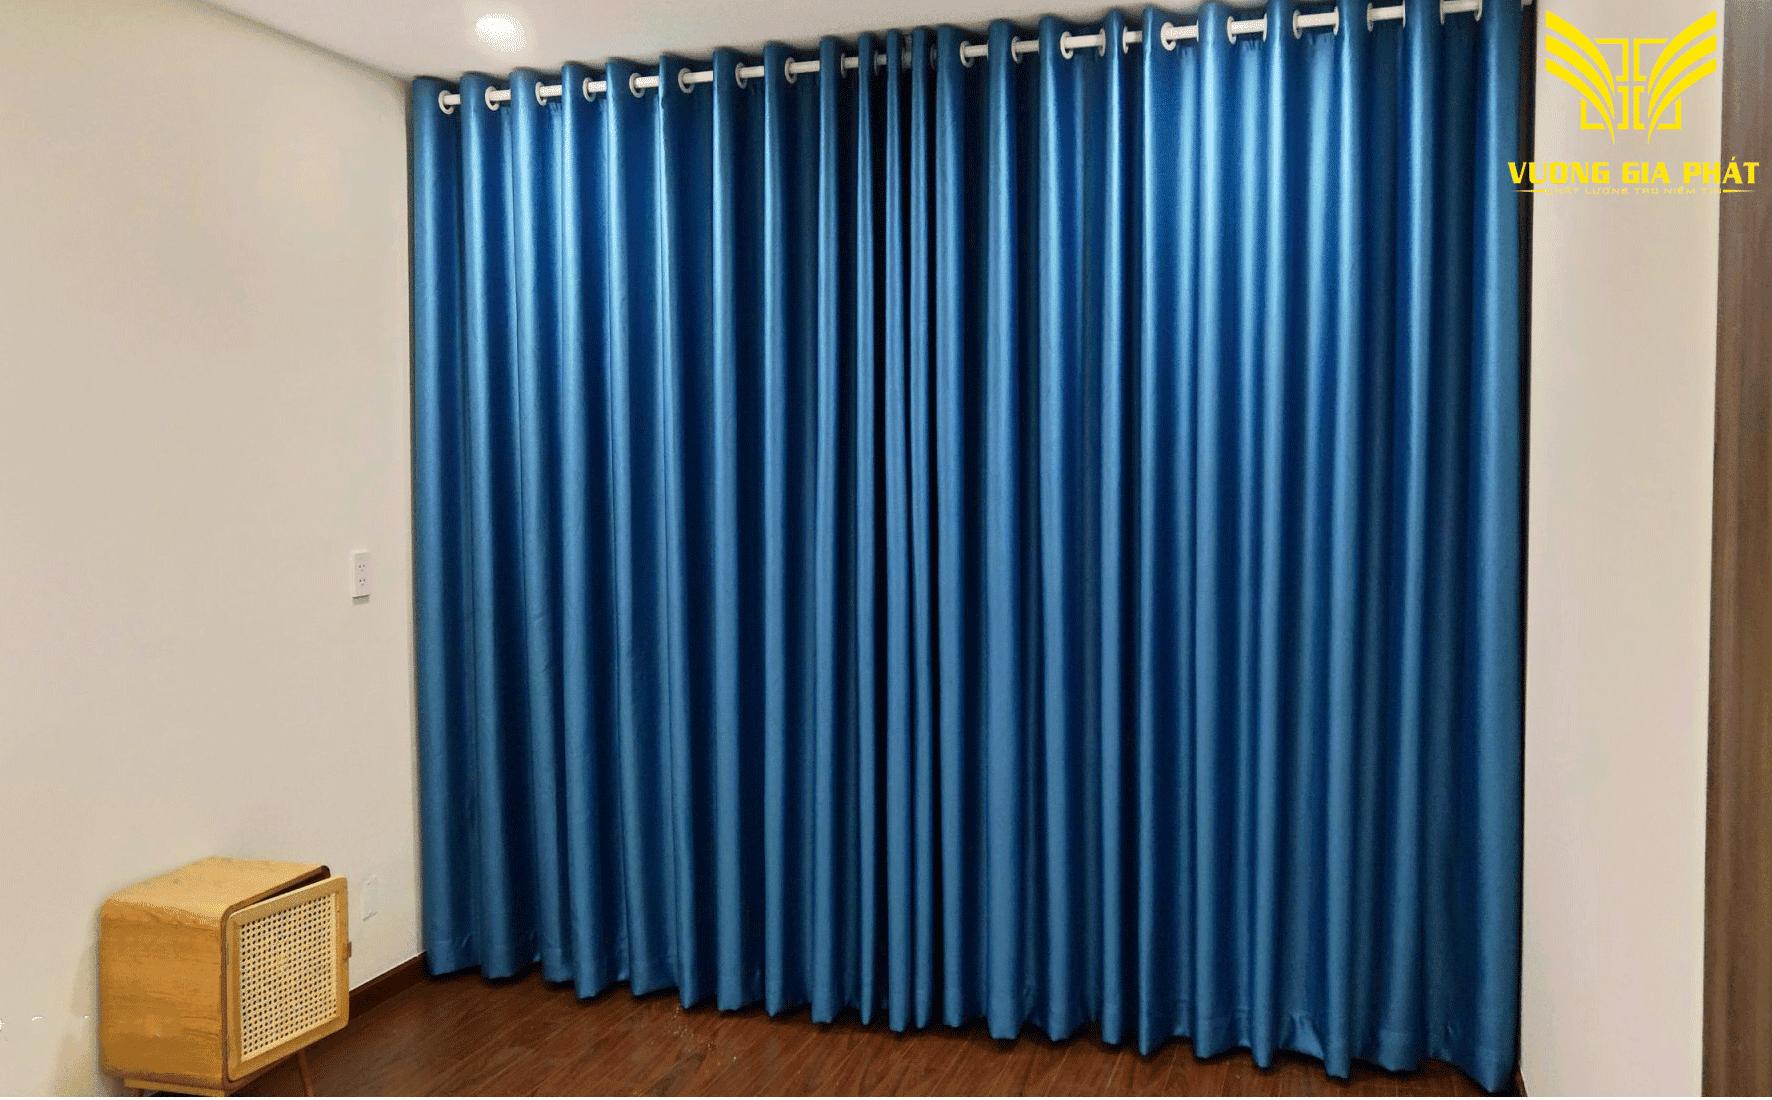 nội thất căn hộ đẹp 0898.282.445